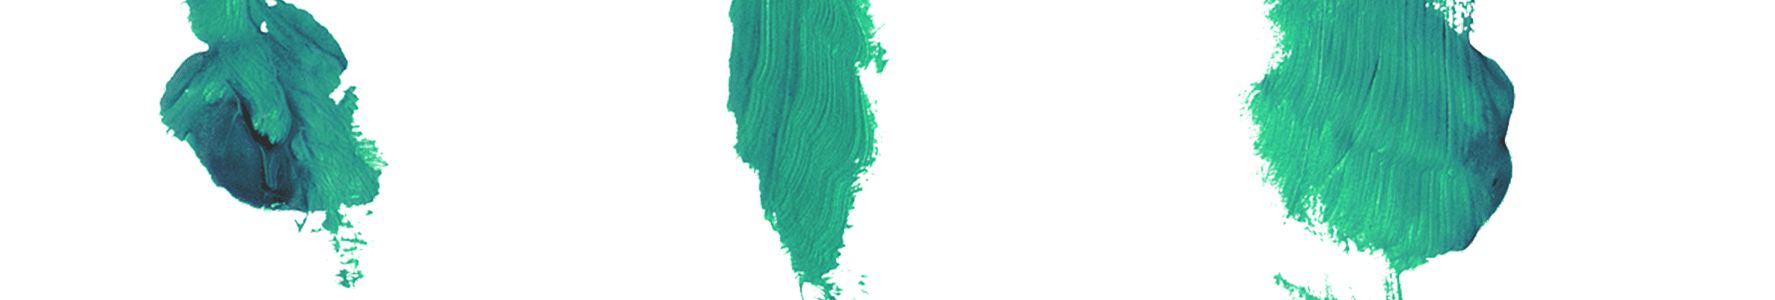 pennellate verdi su fondo bianco